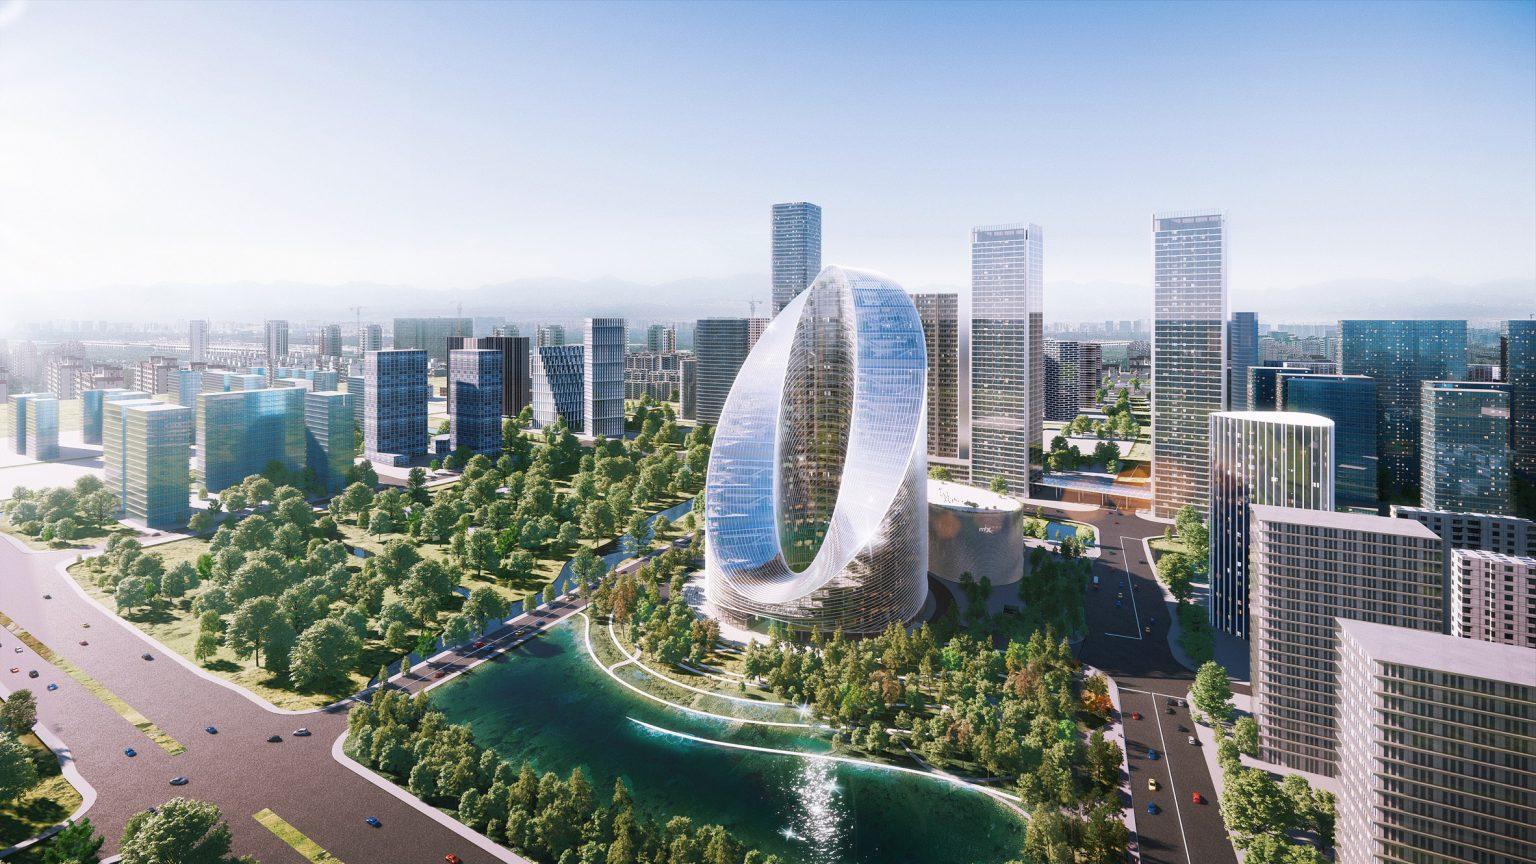 O-Tower - Tòa thấp ấn tượng hình chữ O của OPPO với thiết kế vòng lặp vô cực